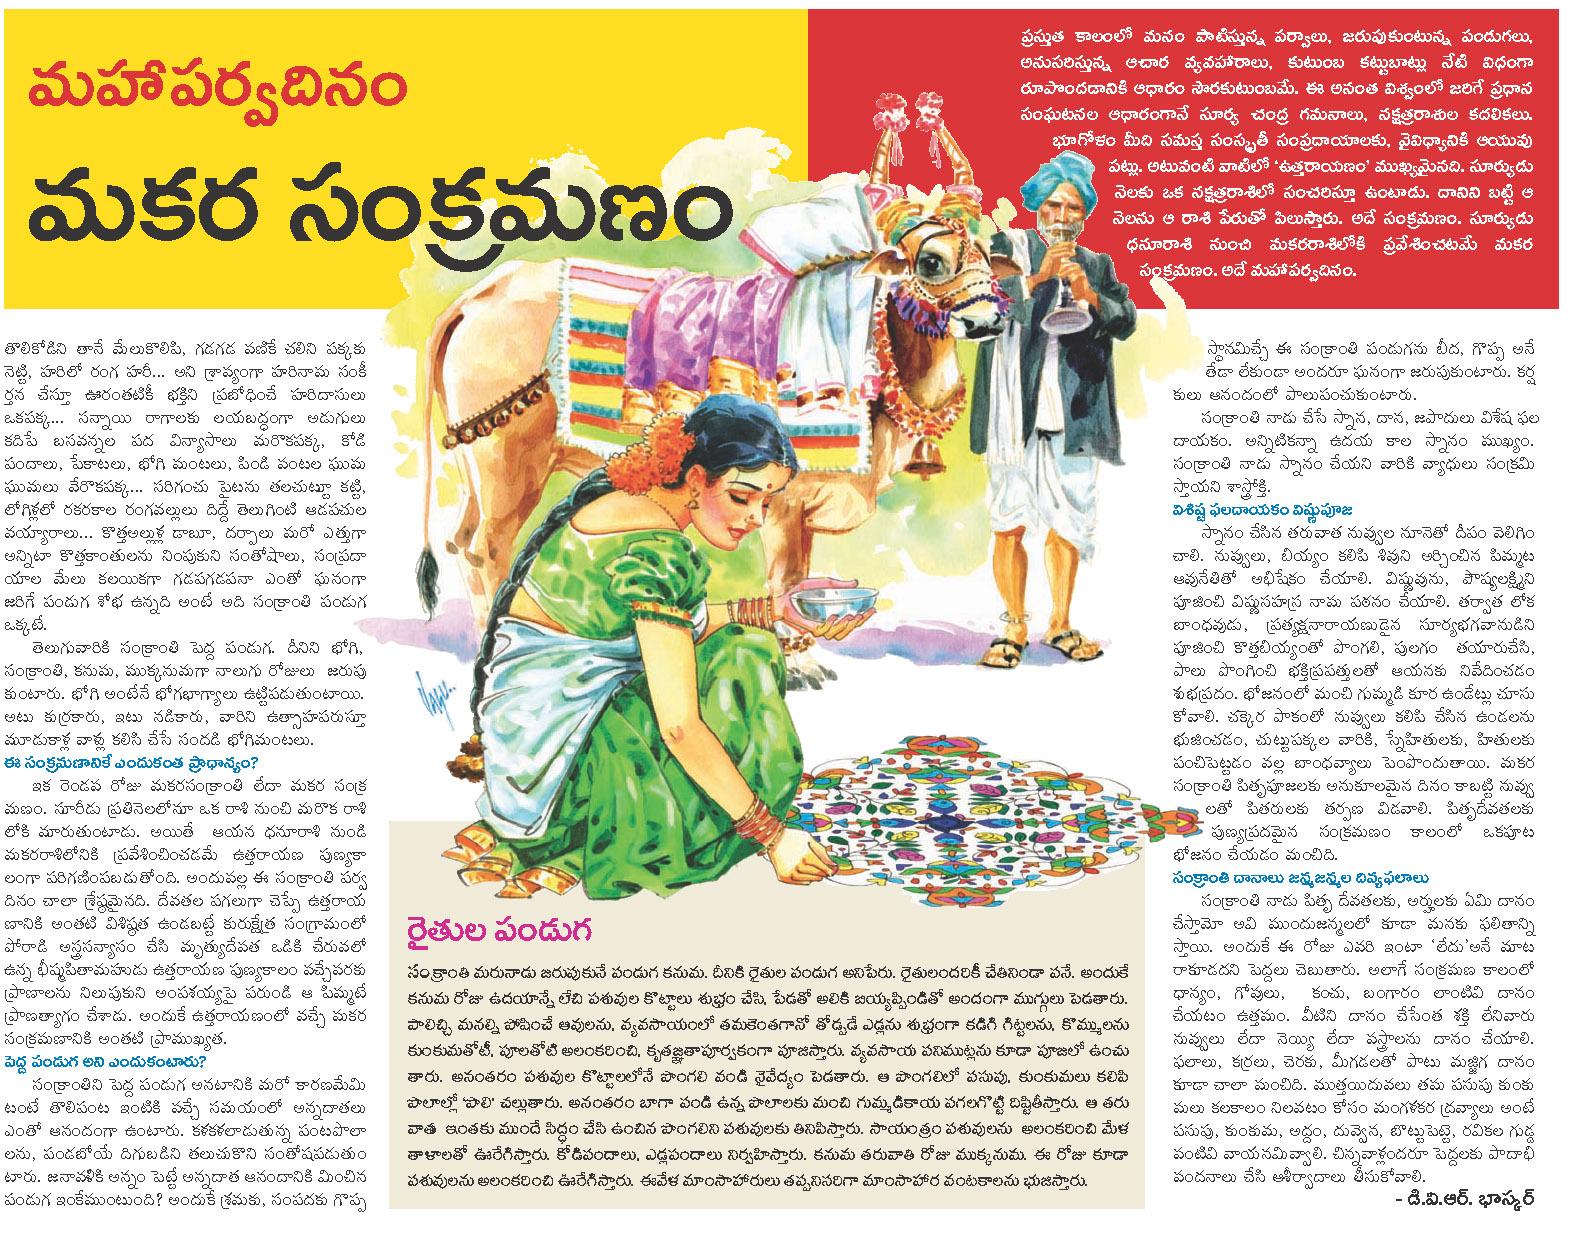 Sakshi pdf today epaper